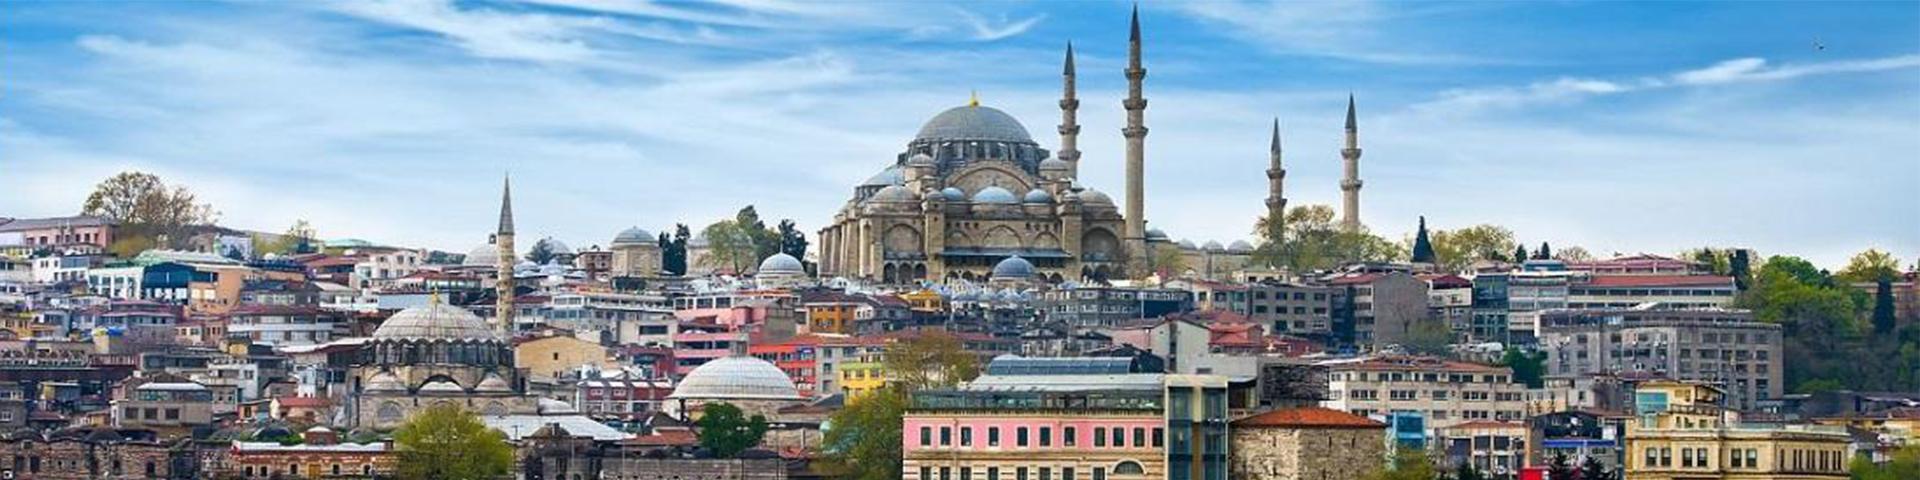 تورهای استانبول همیشه سفر